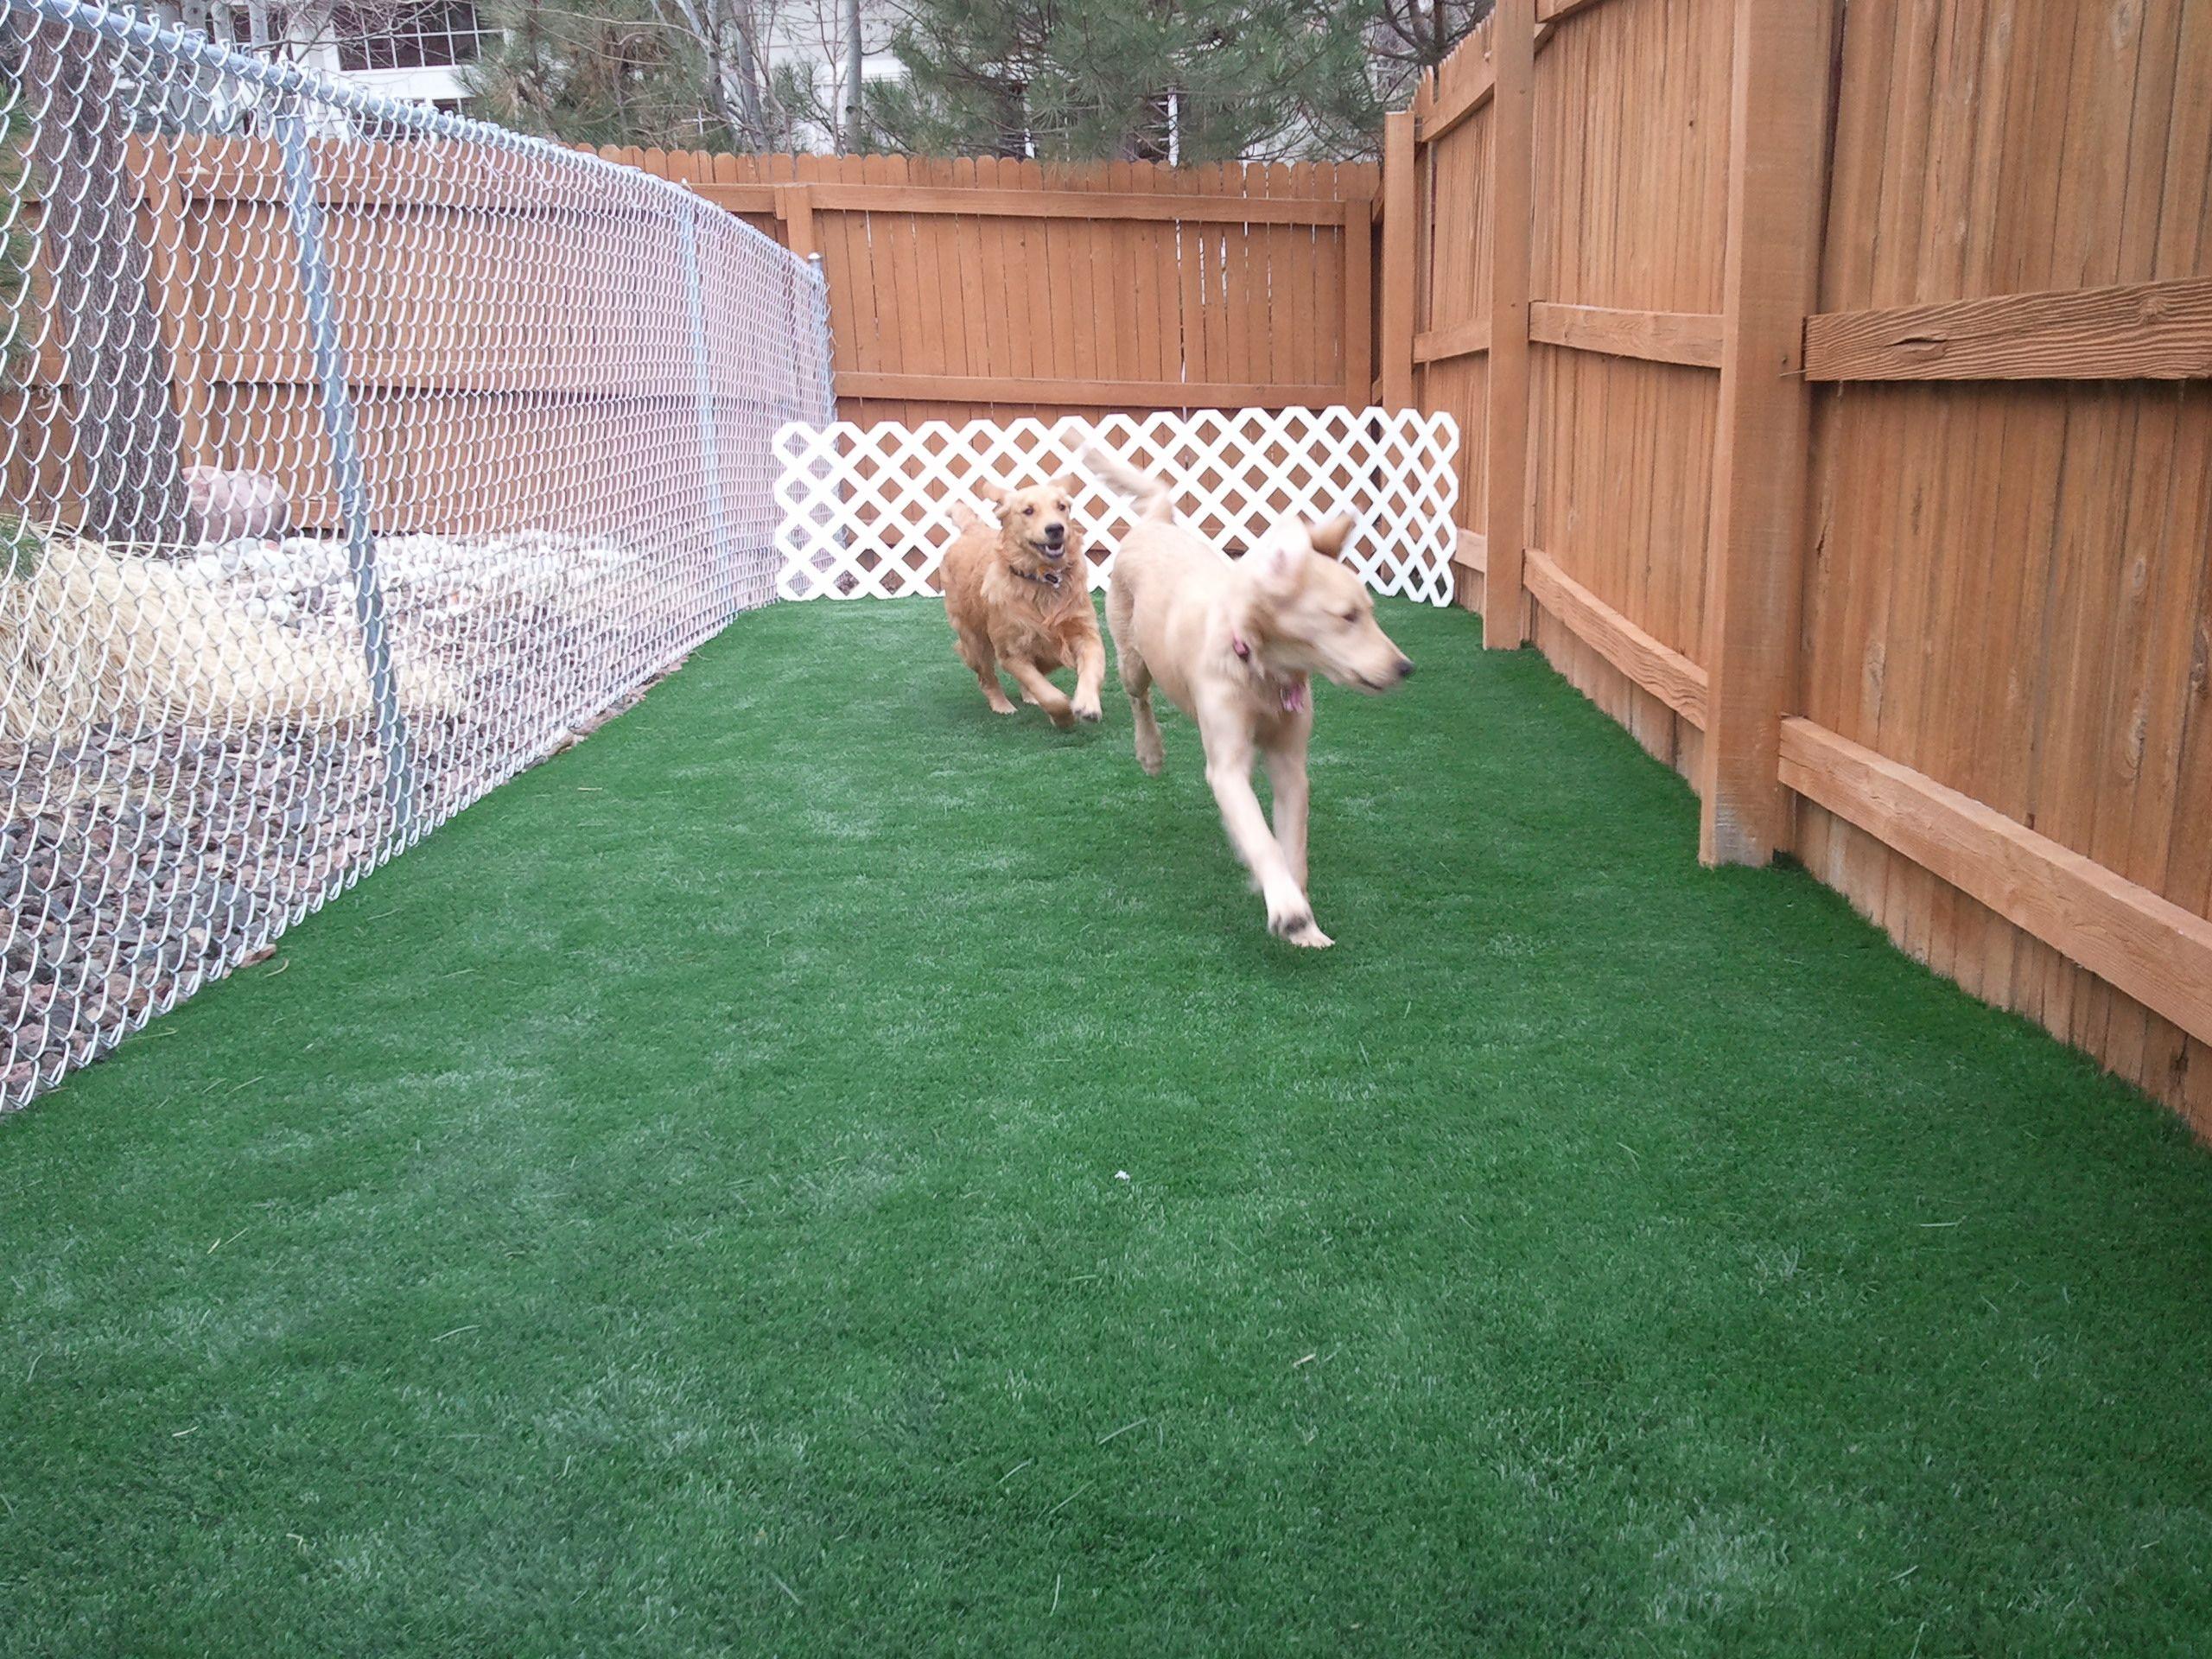 A Nice Dog Run Backyard Bliss Dog Runs Pinterest